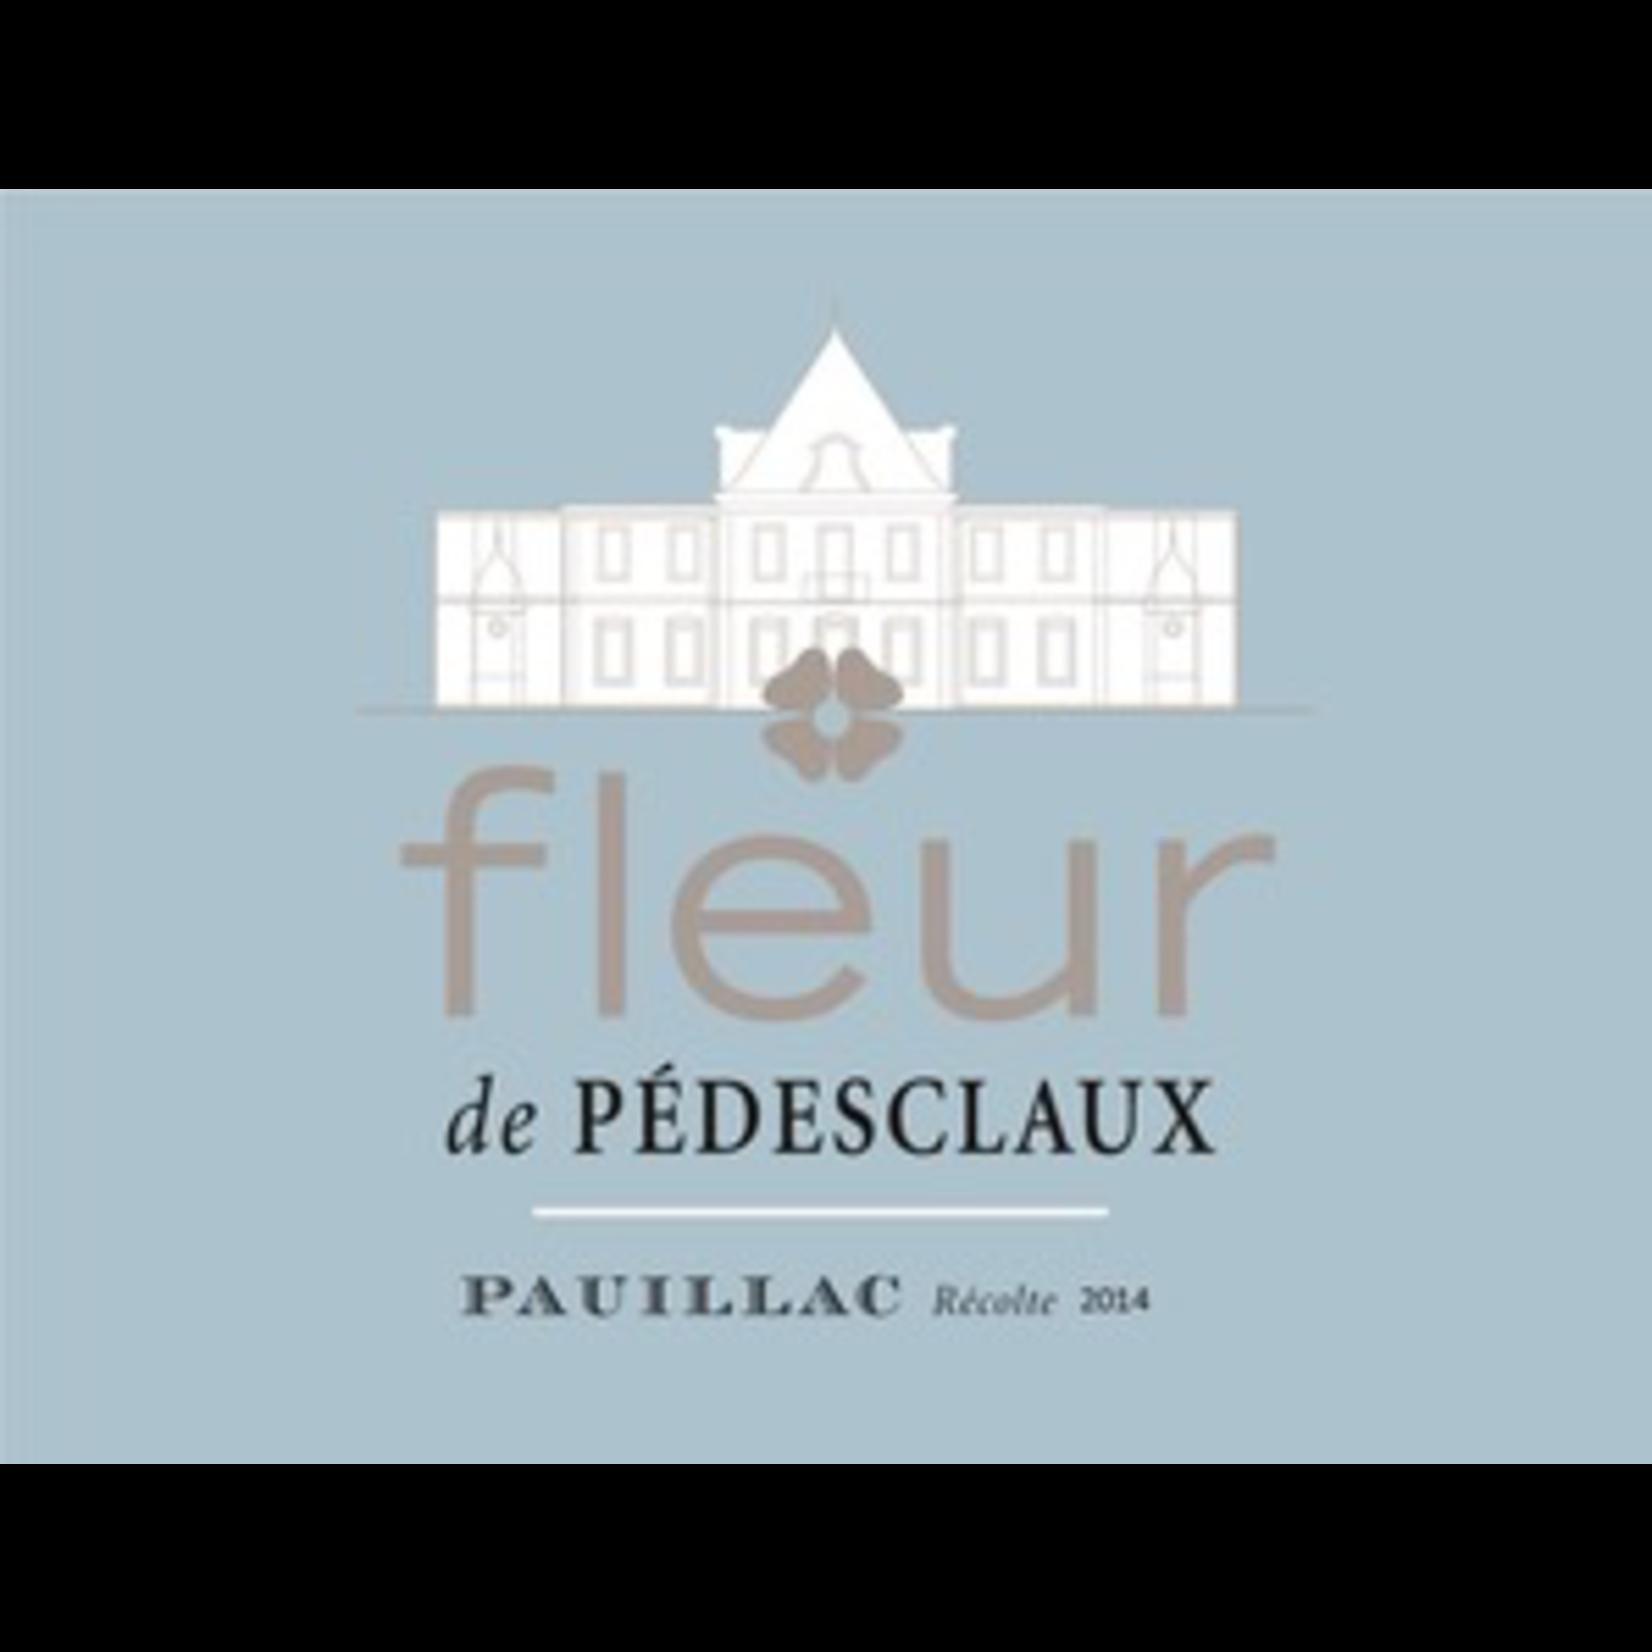 Chateau Pedesclaux Fleur de Pedesclaux 2018